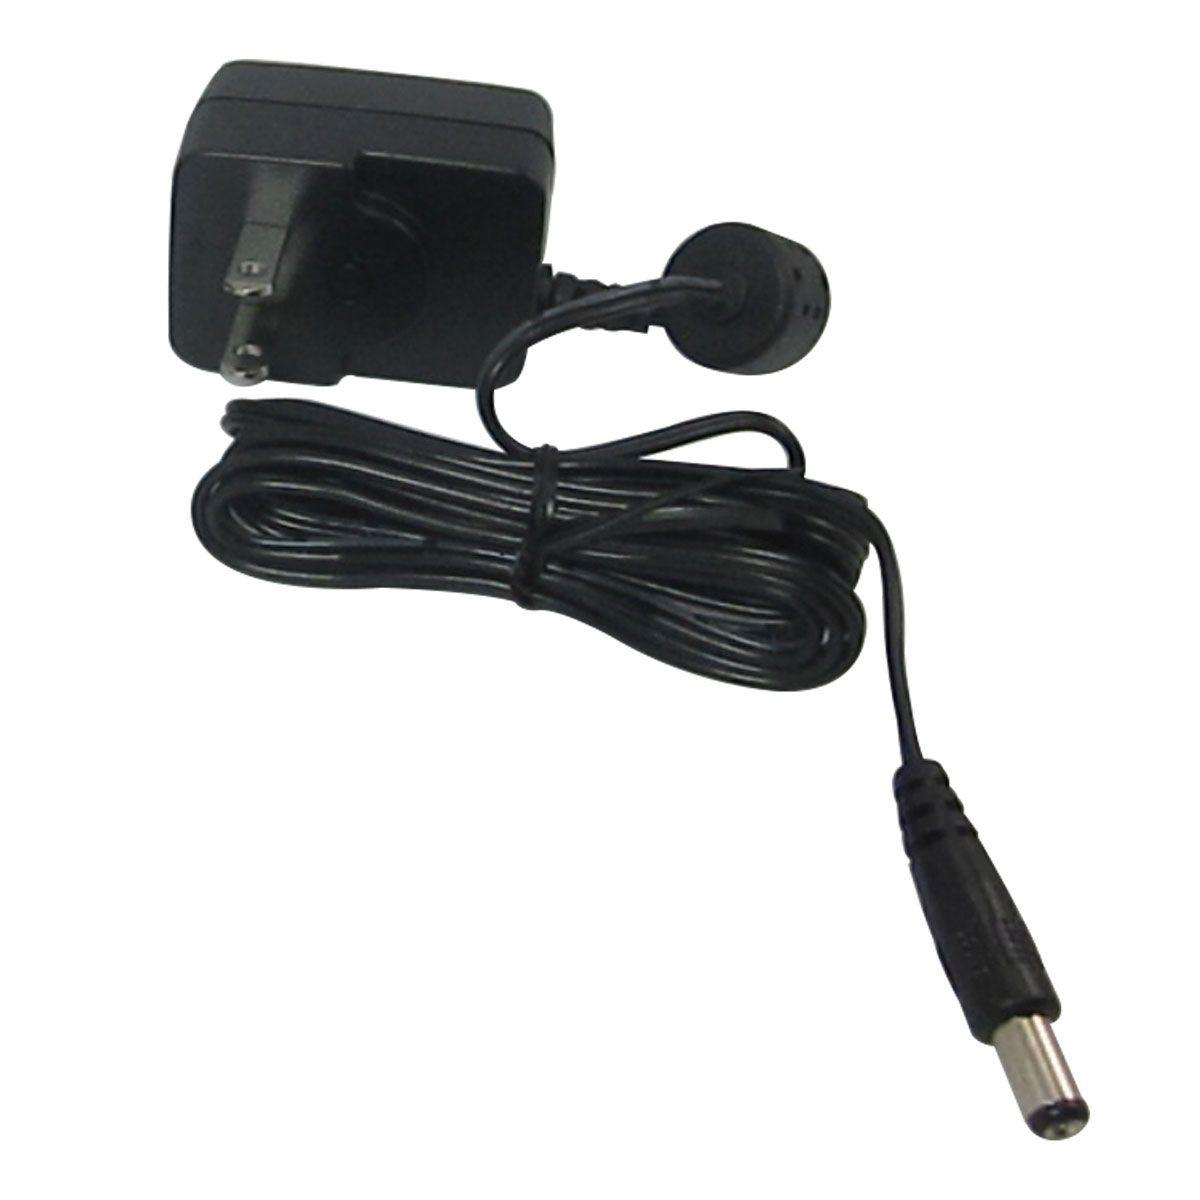 Adaptador de corriente Icom BC-147SA para radio IC-F4003